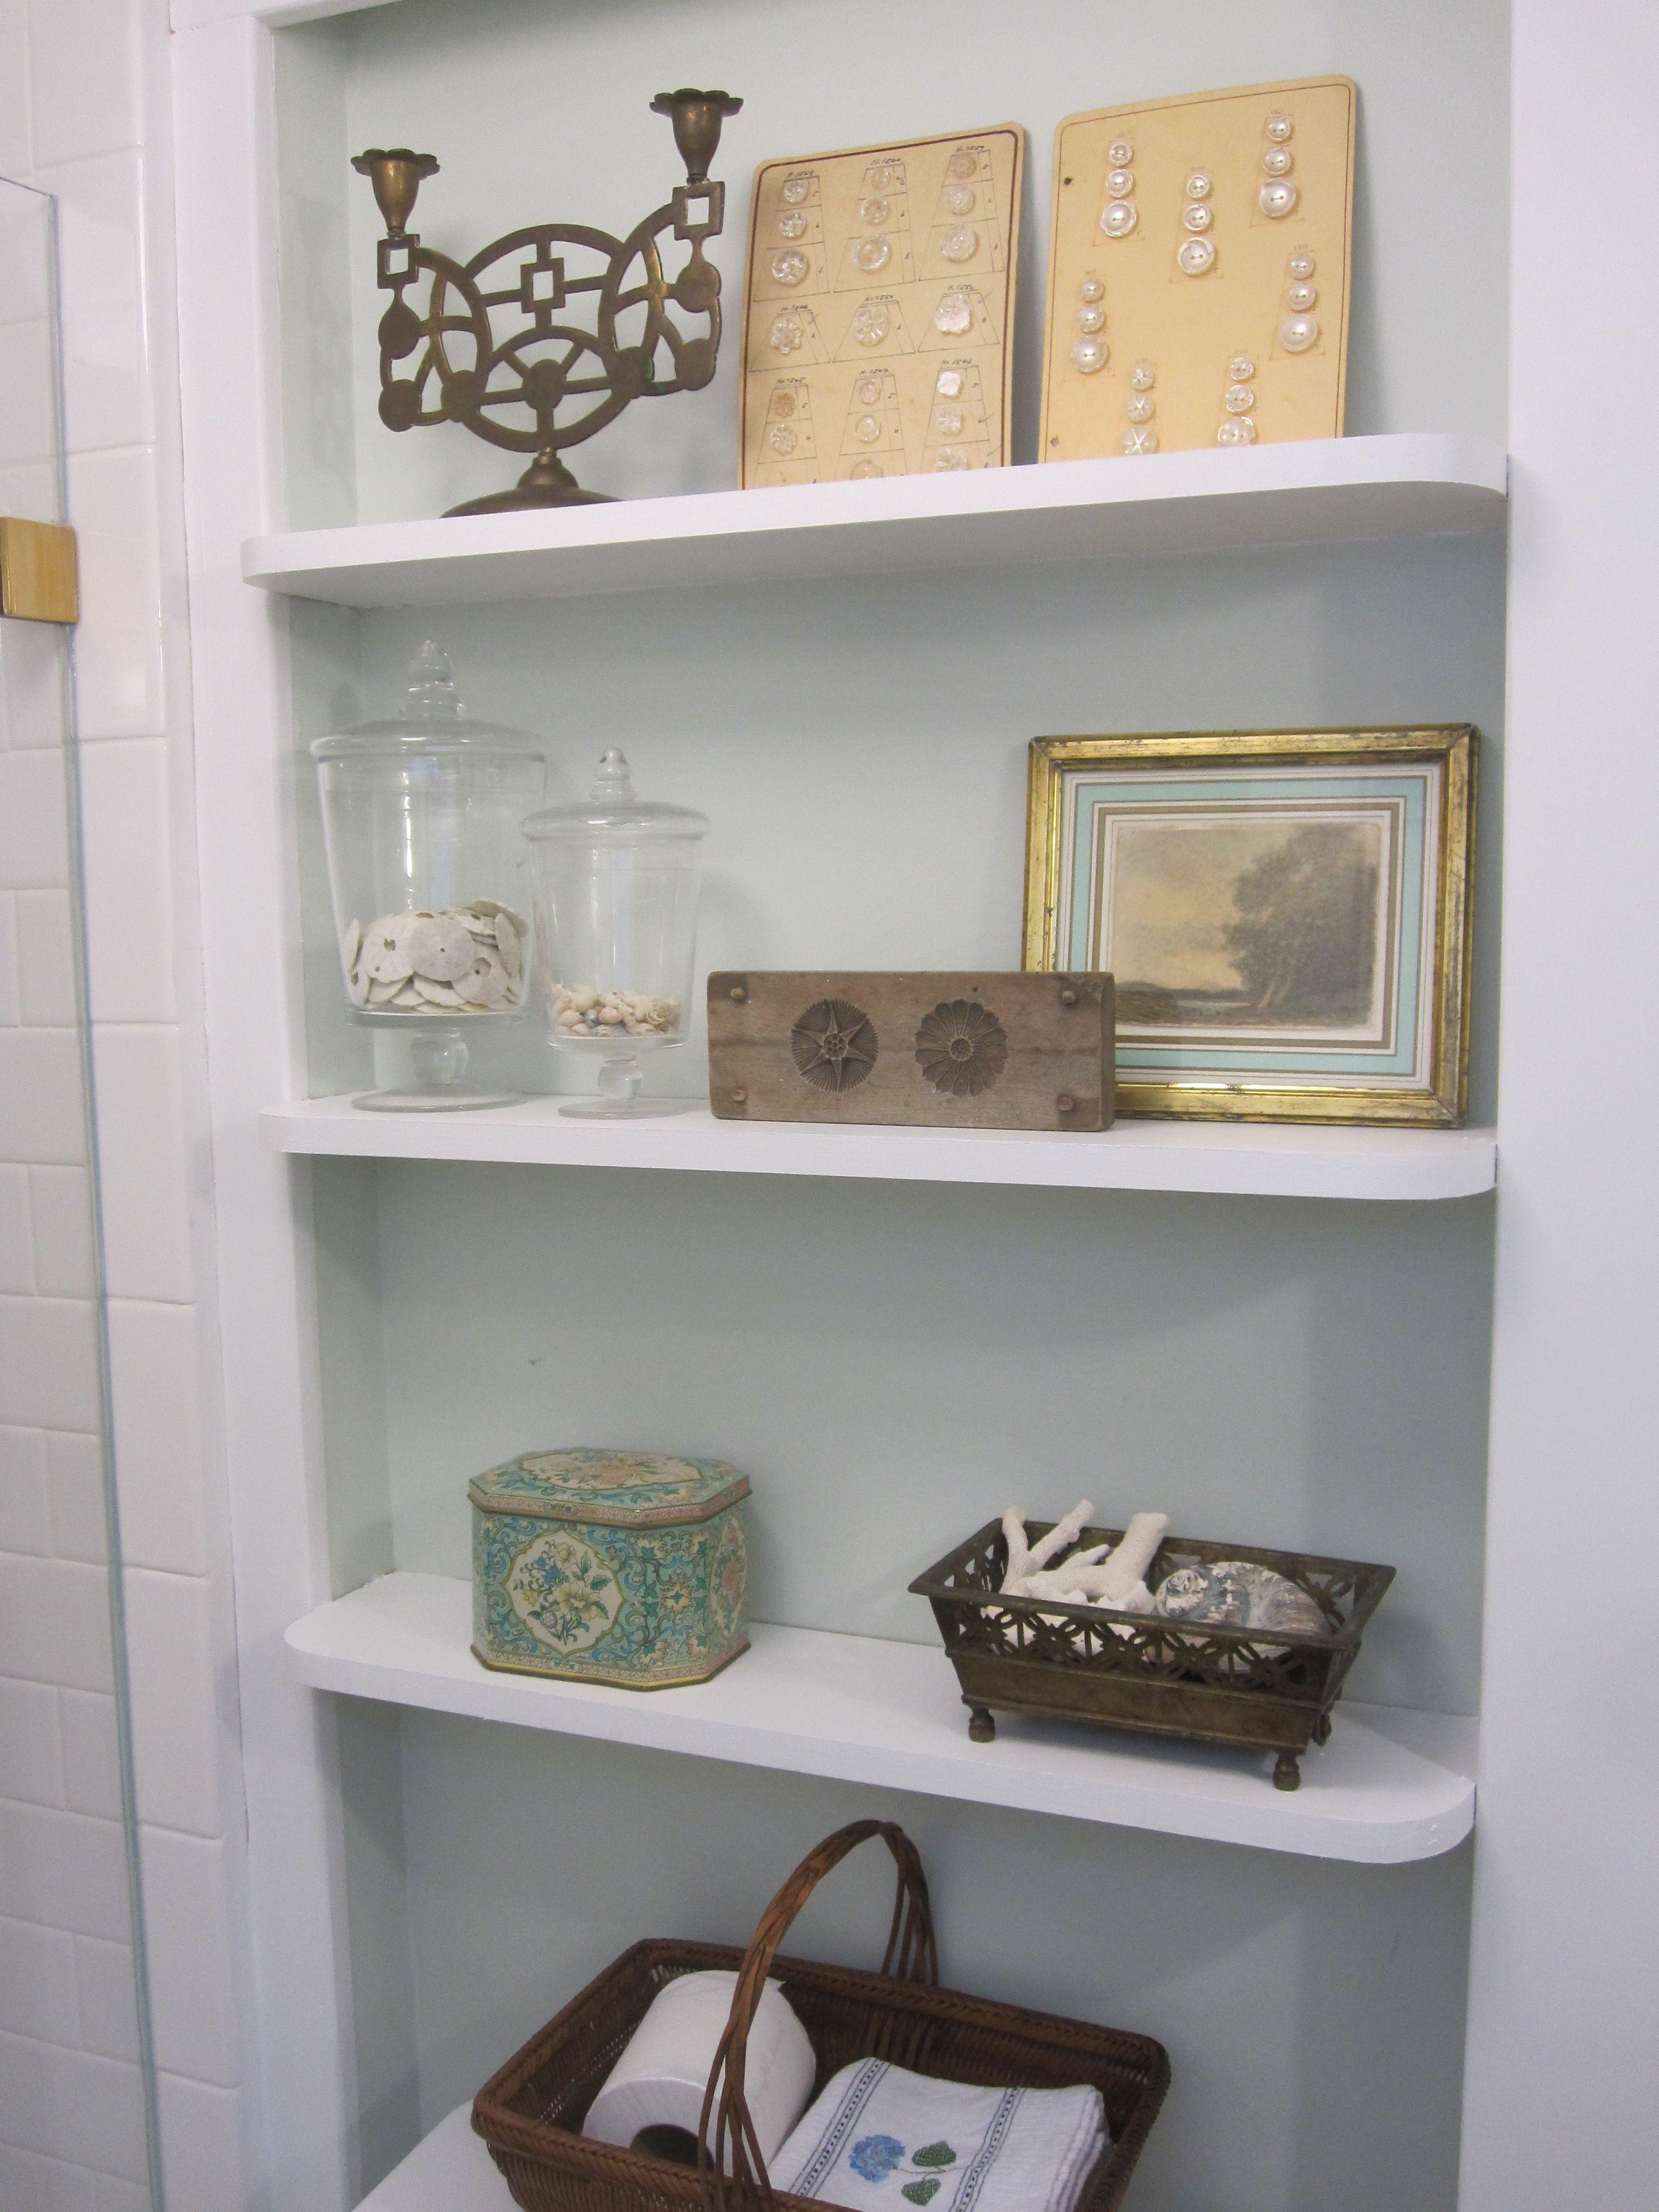 White Recessed Bathroom Shelves For Small Bathroom Storage - White bathroom shelf with hooks for bathroom decor ideas